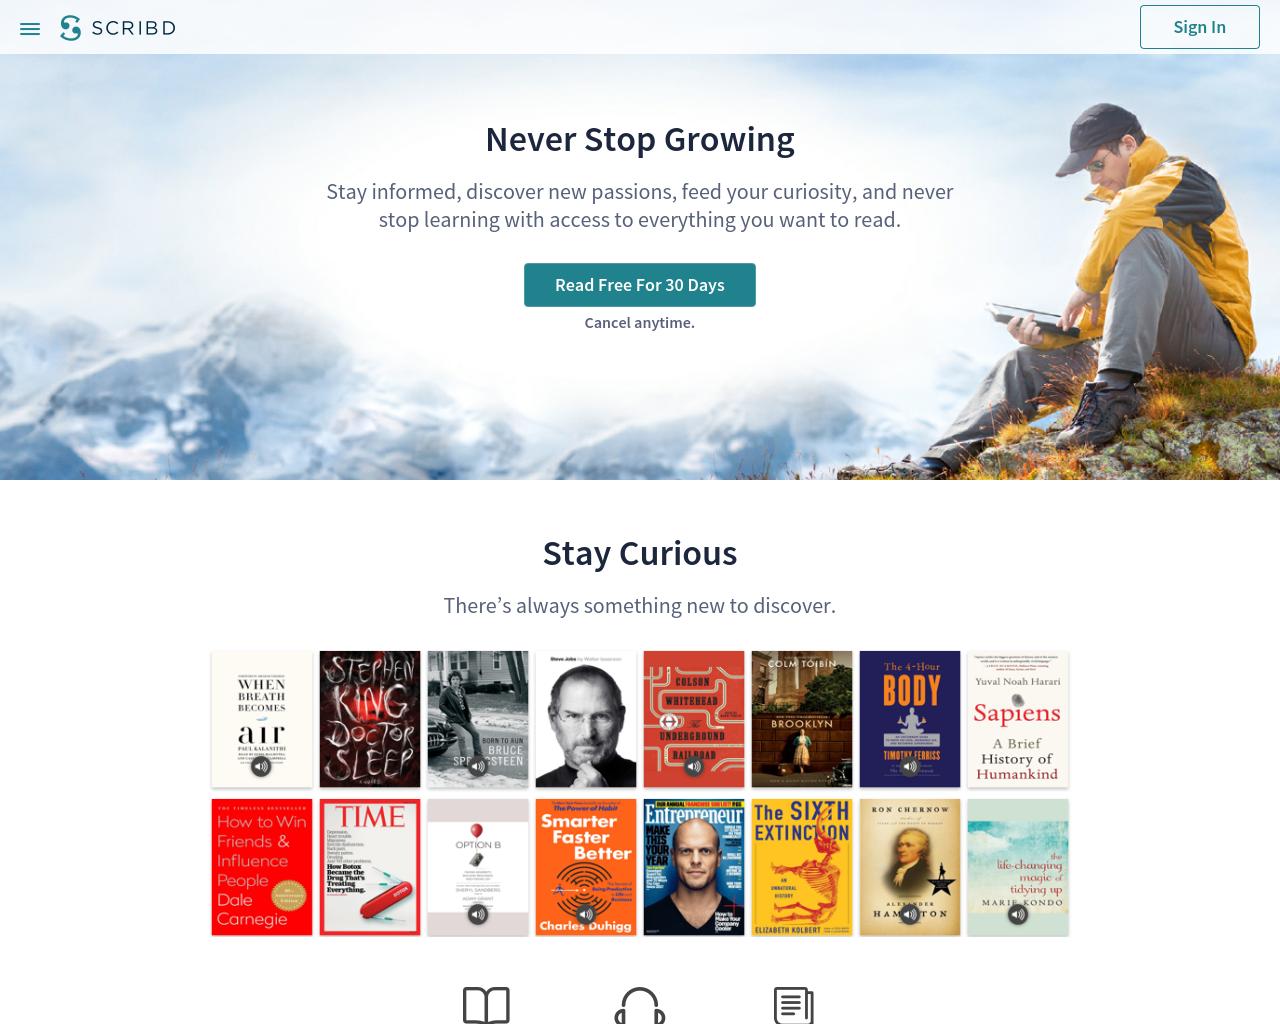 Scribd-Advertising-Reviews-Pricing